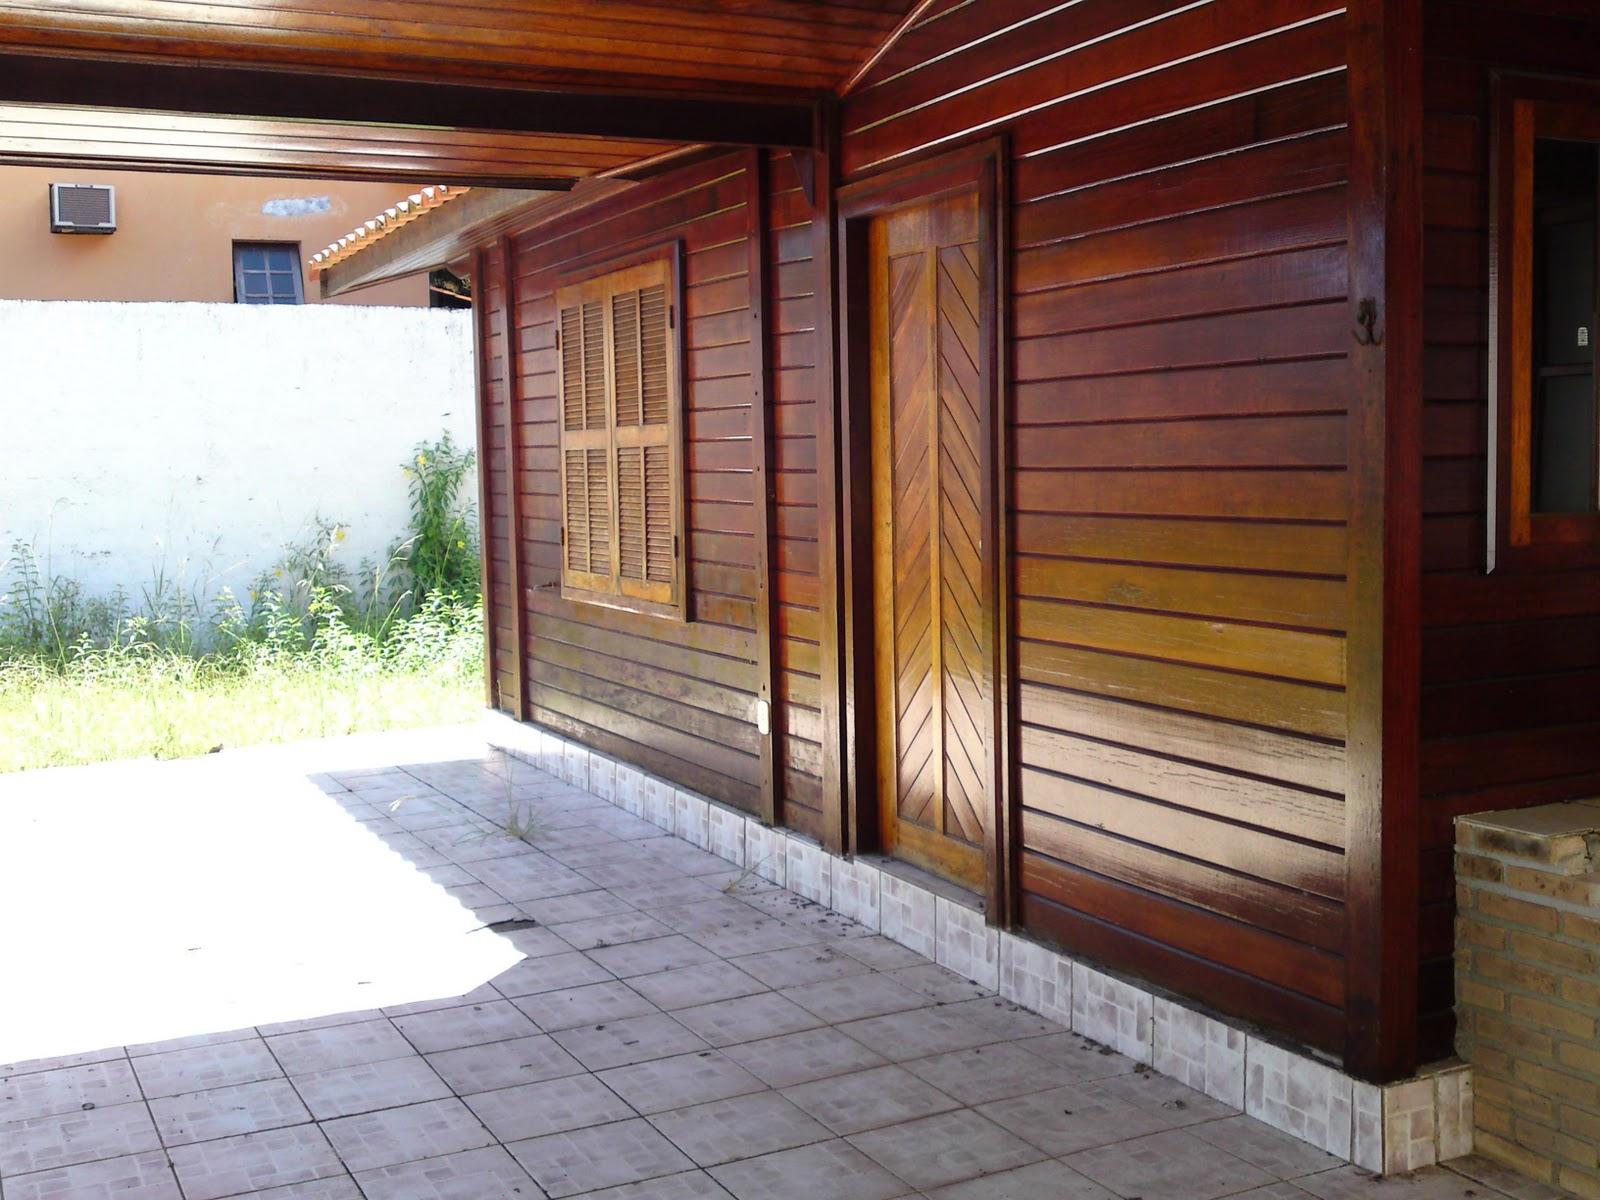 #996832 Seu sonho a um passo da realidade: Vende se 1600x1200 px Banheiro Ideal Ltda 3001